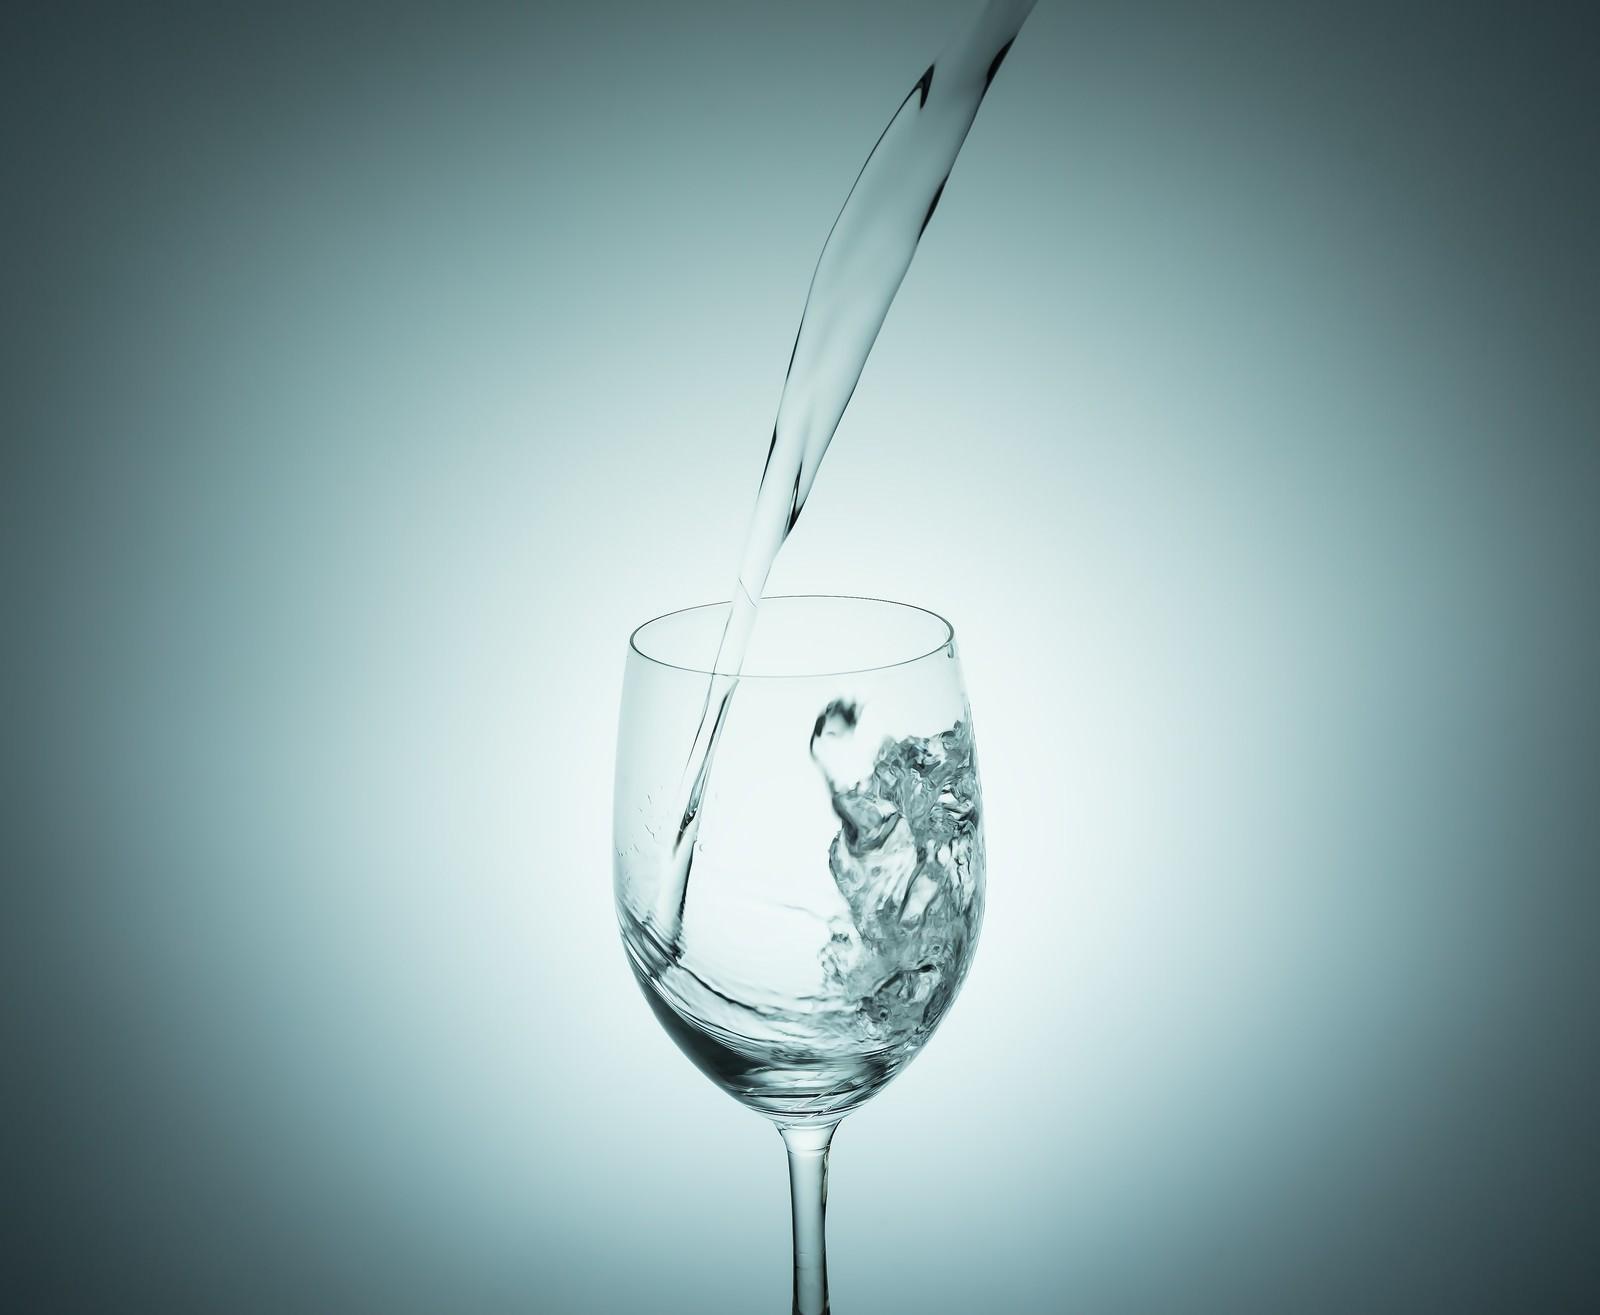 「グラスに水を注ぐ瞬間」の写真